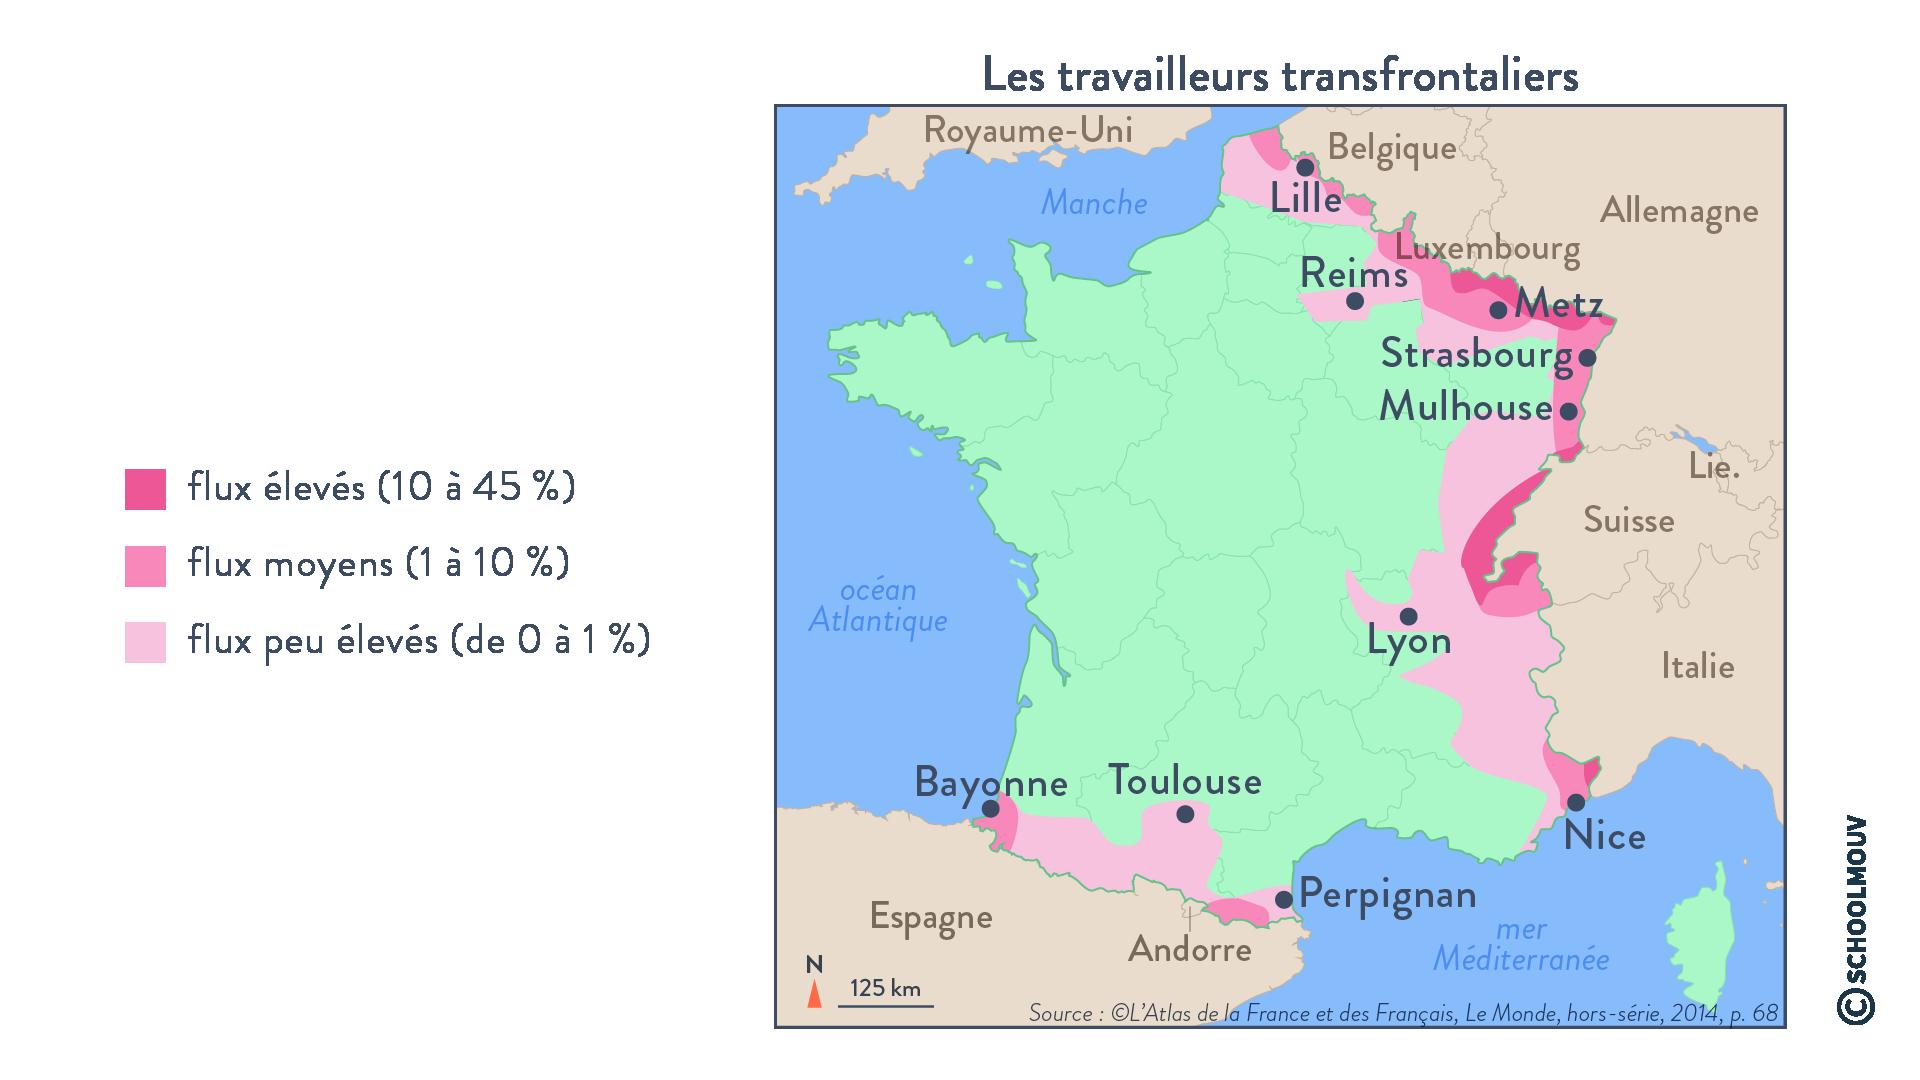 Les travailleurs transfrontaliers - Géographie - Terminale - SchoolMouv